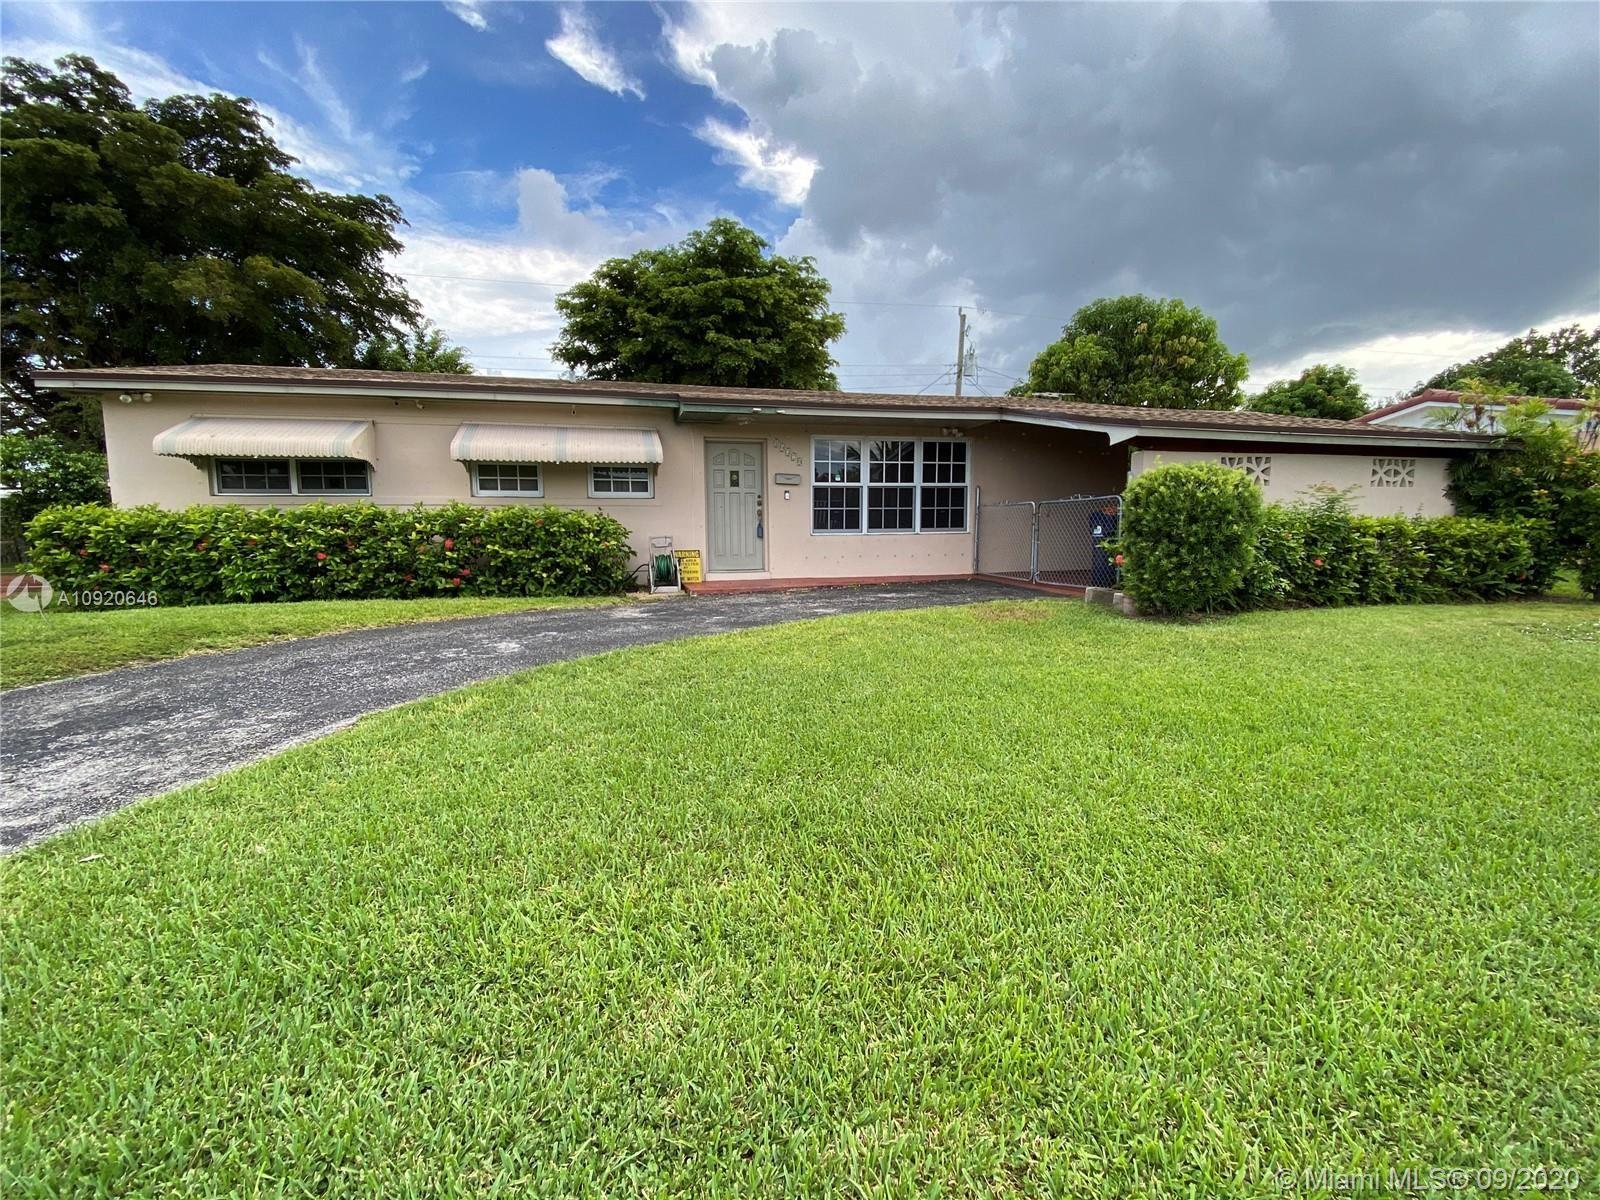 10320 SW 50th Ter, Miami, FL 33165 - #: A10920646